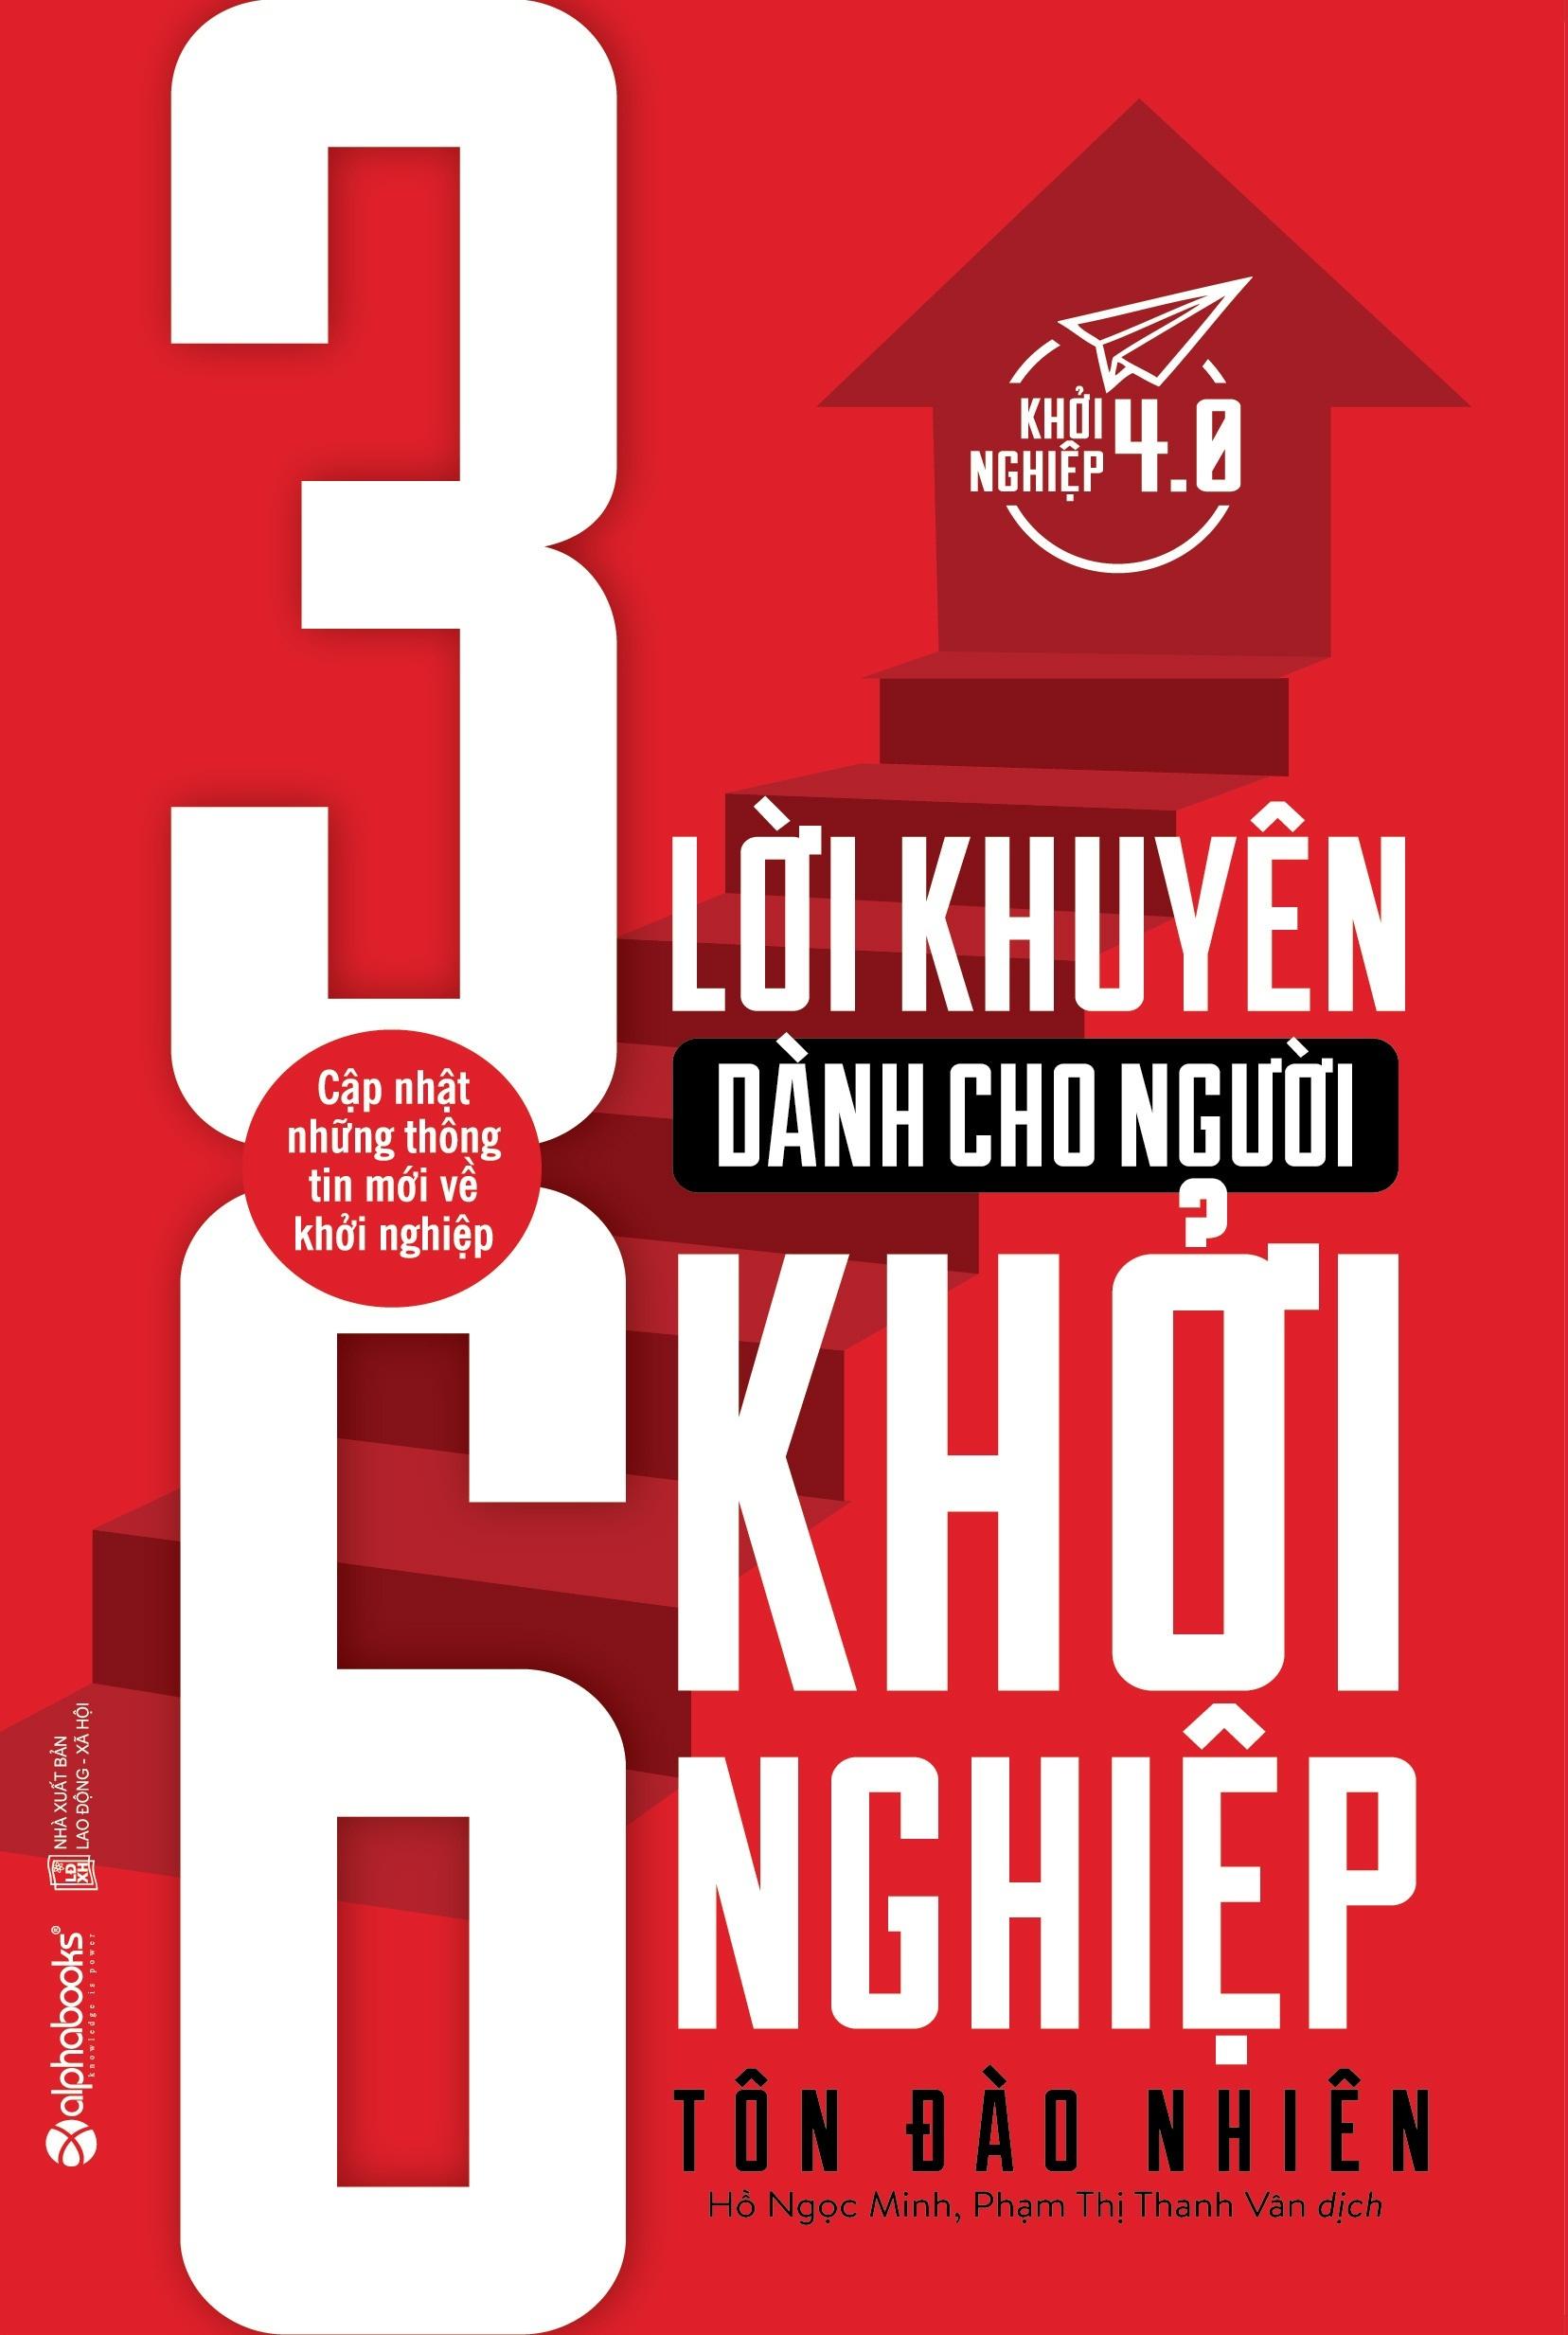 36 Lời Khuyên Dành Cho Người Khởi Nghiệp - EBOOK/PDF/PRC/EPUB